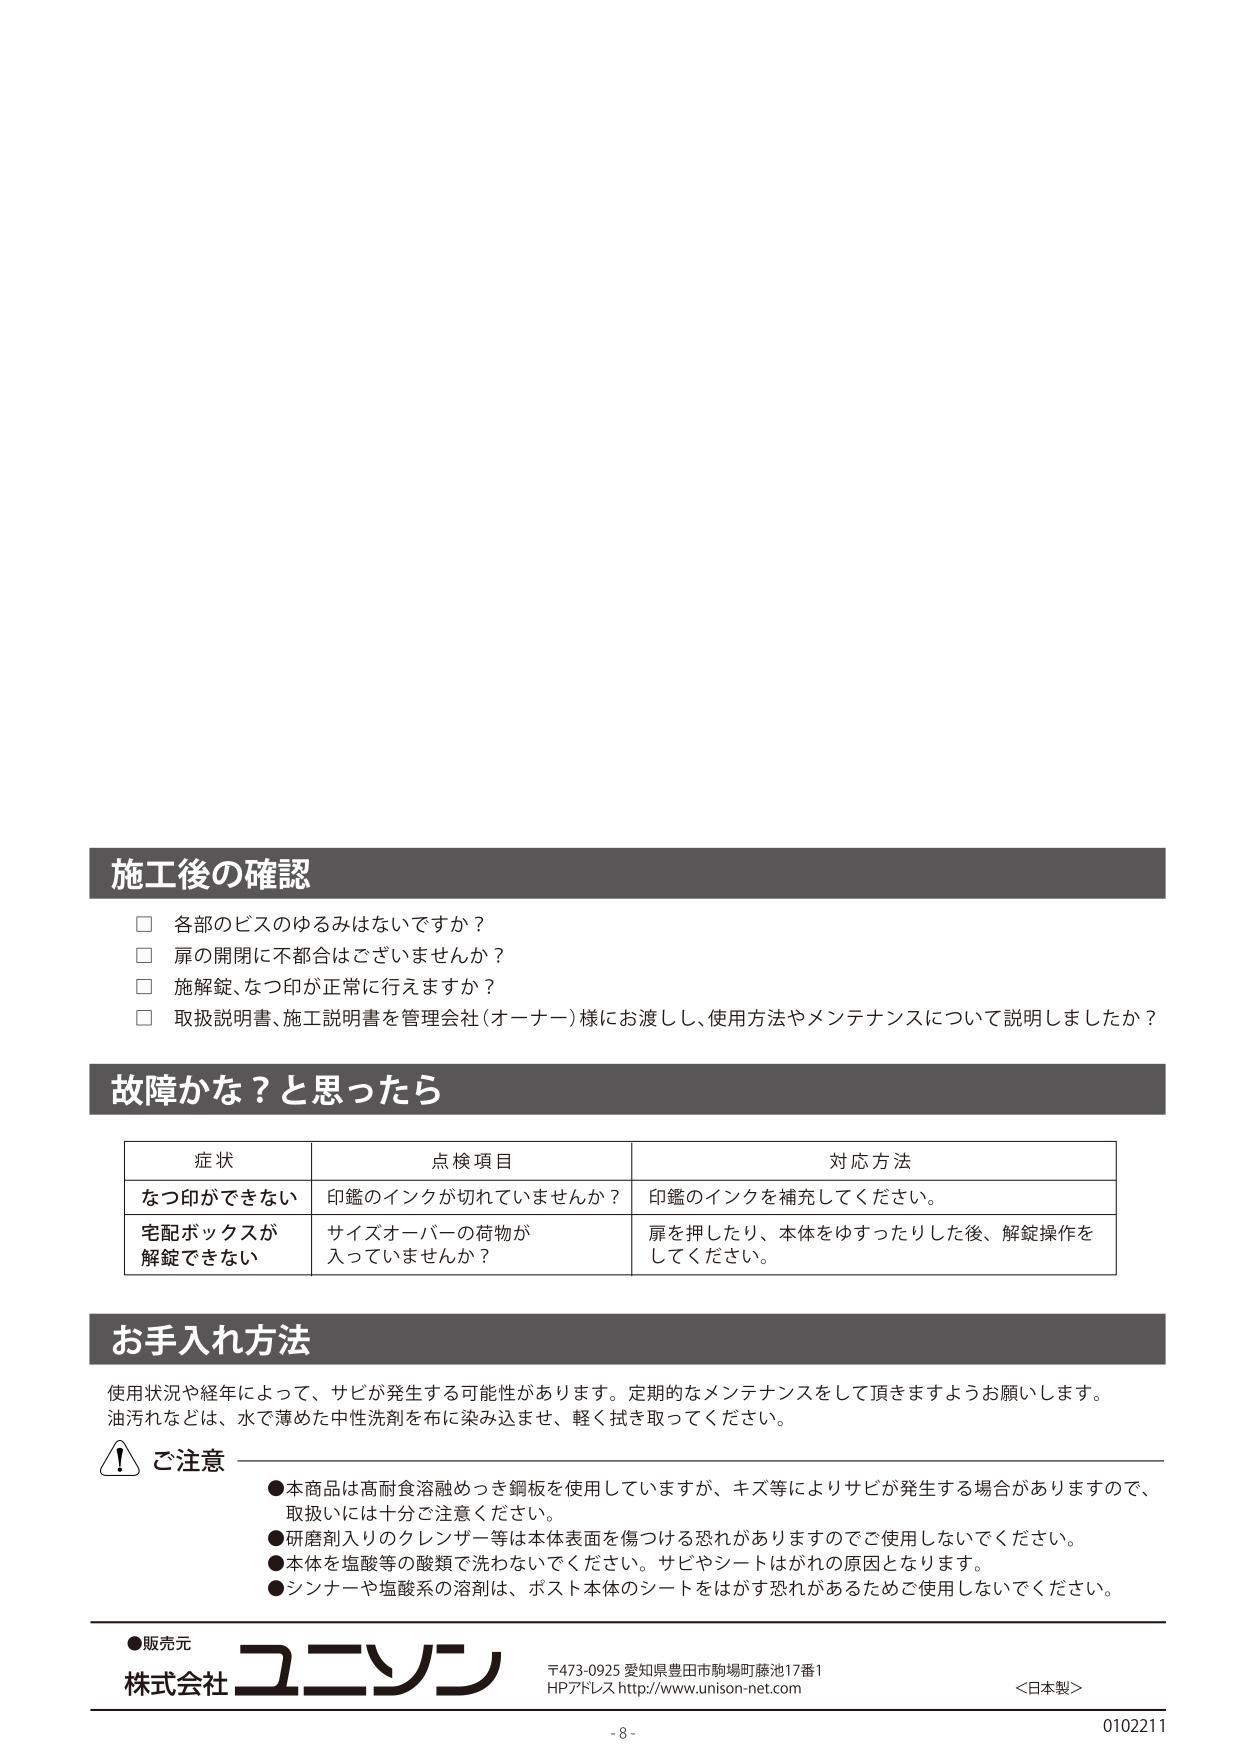 フロリア_取扱説明書_page-0018